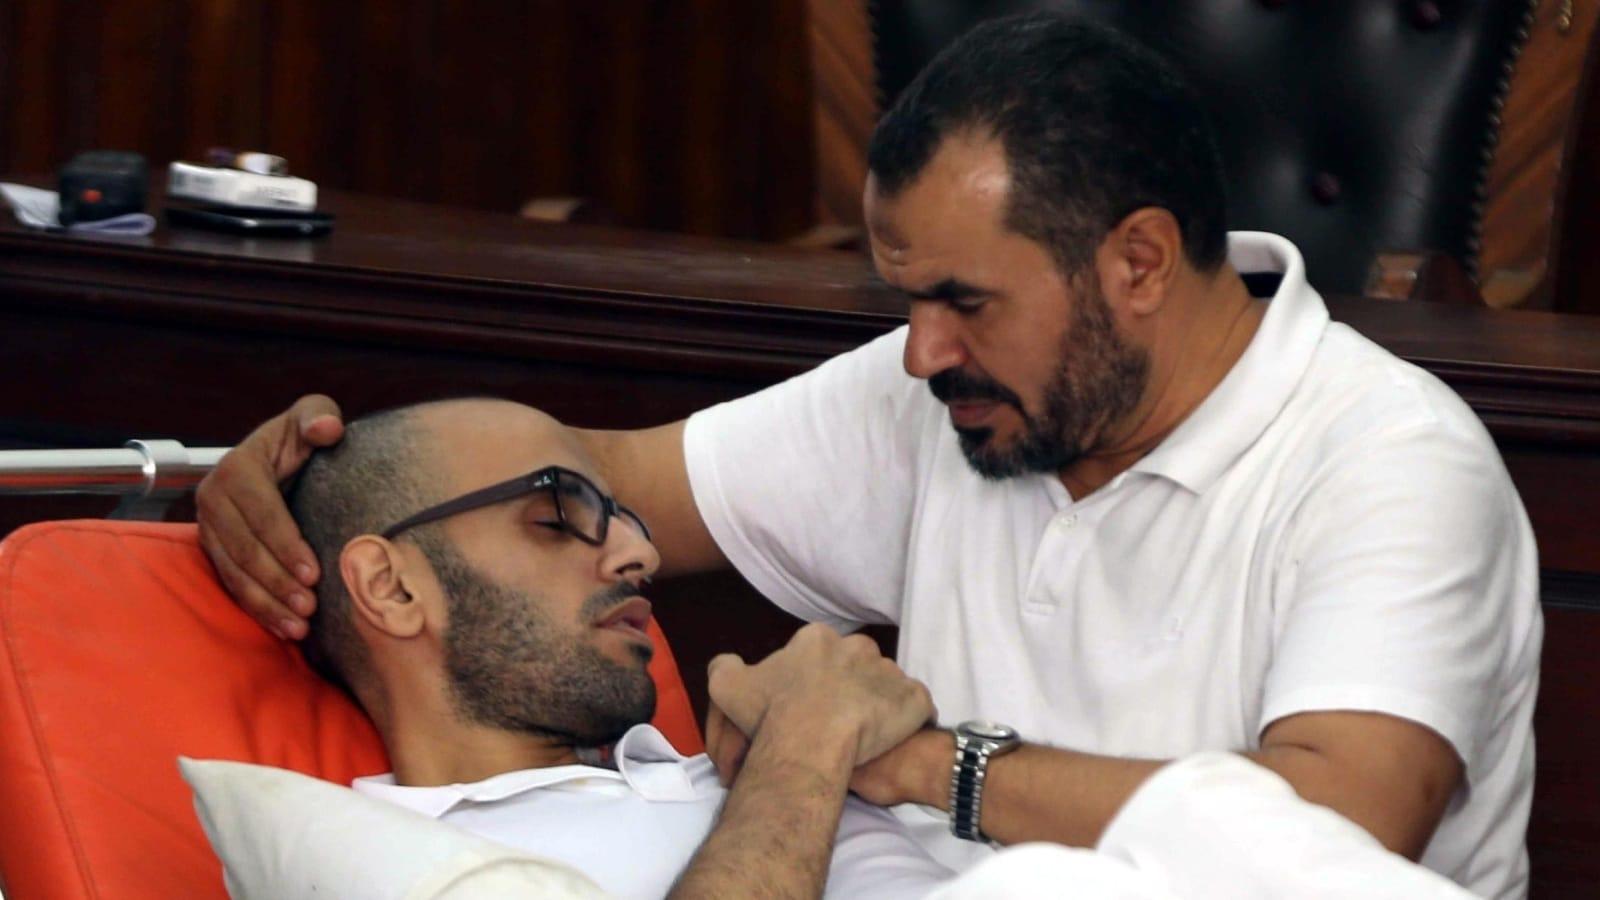 محمد سلطان ناشط مصري يناشد بايدن التدخل لإنقاذ والده من سجون السيسي